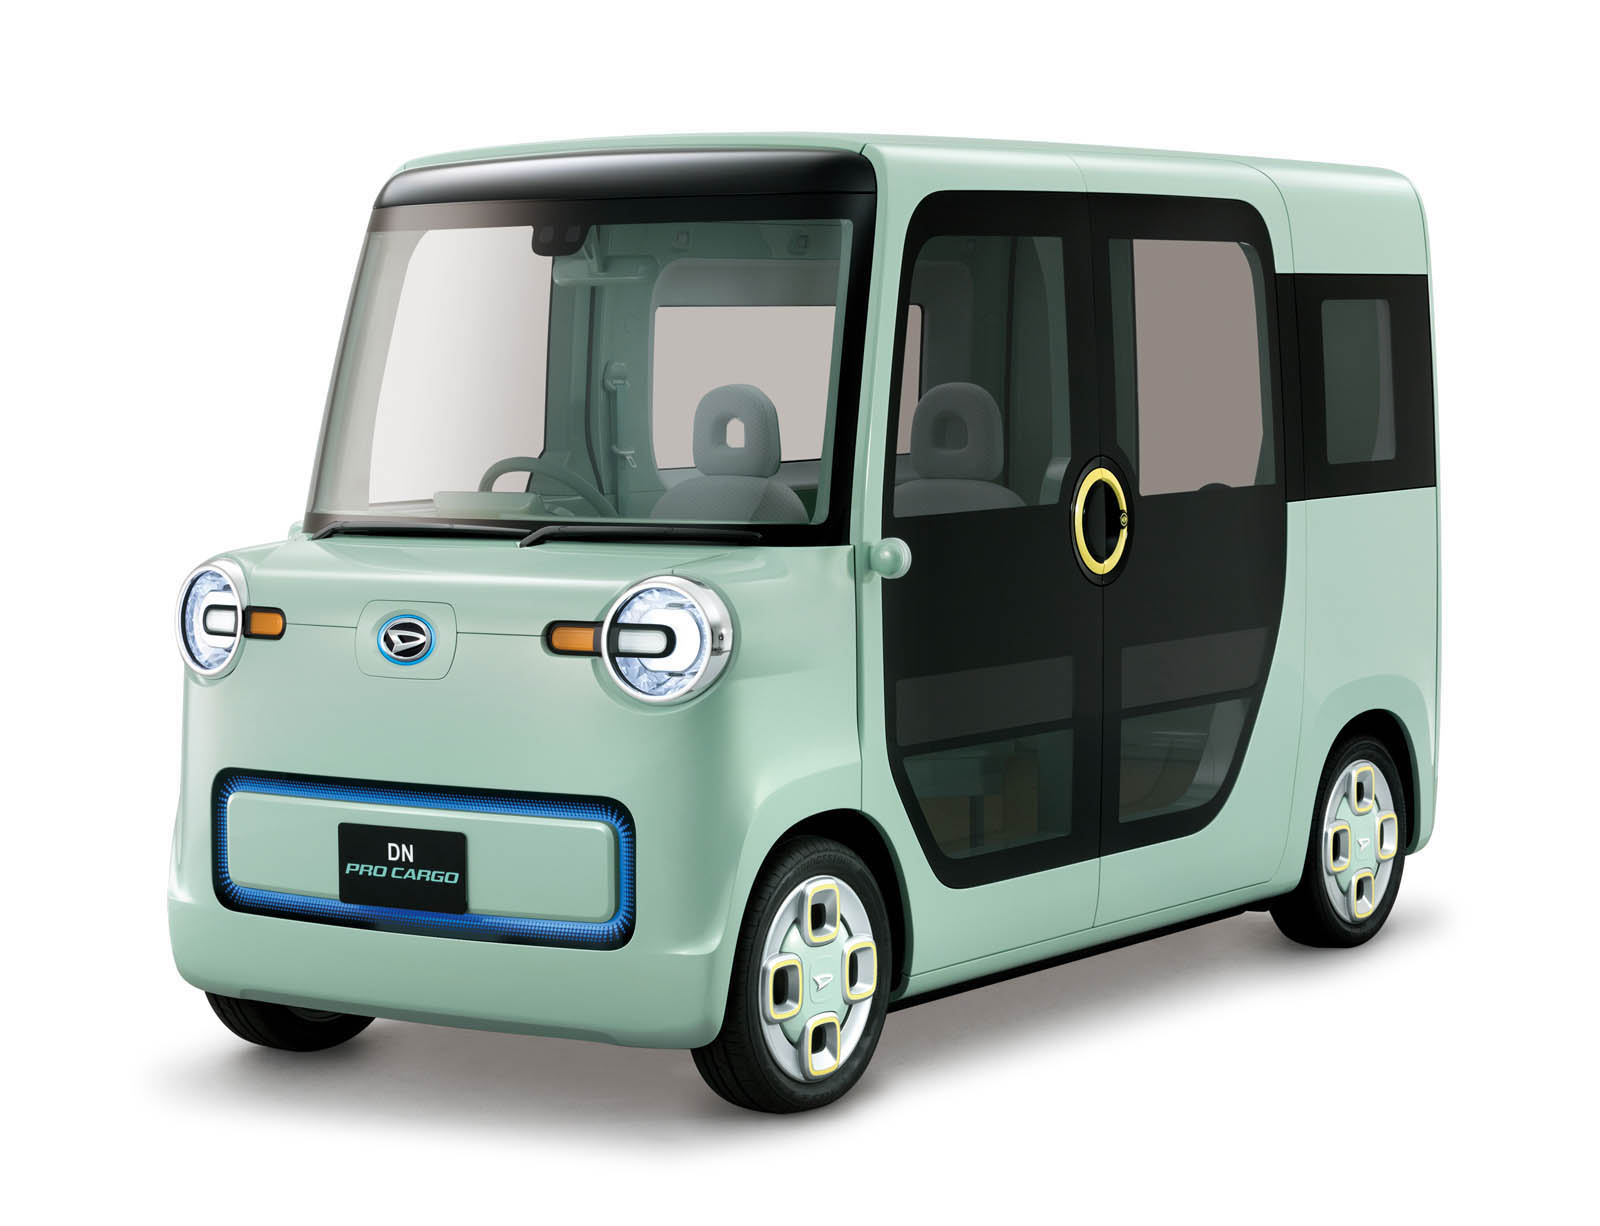 daihatsu-concepts-tokyo-motorshow_171006004 copy